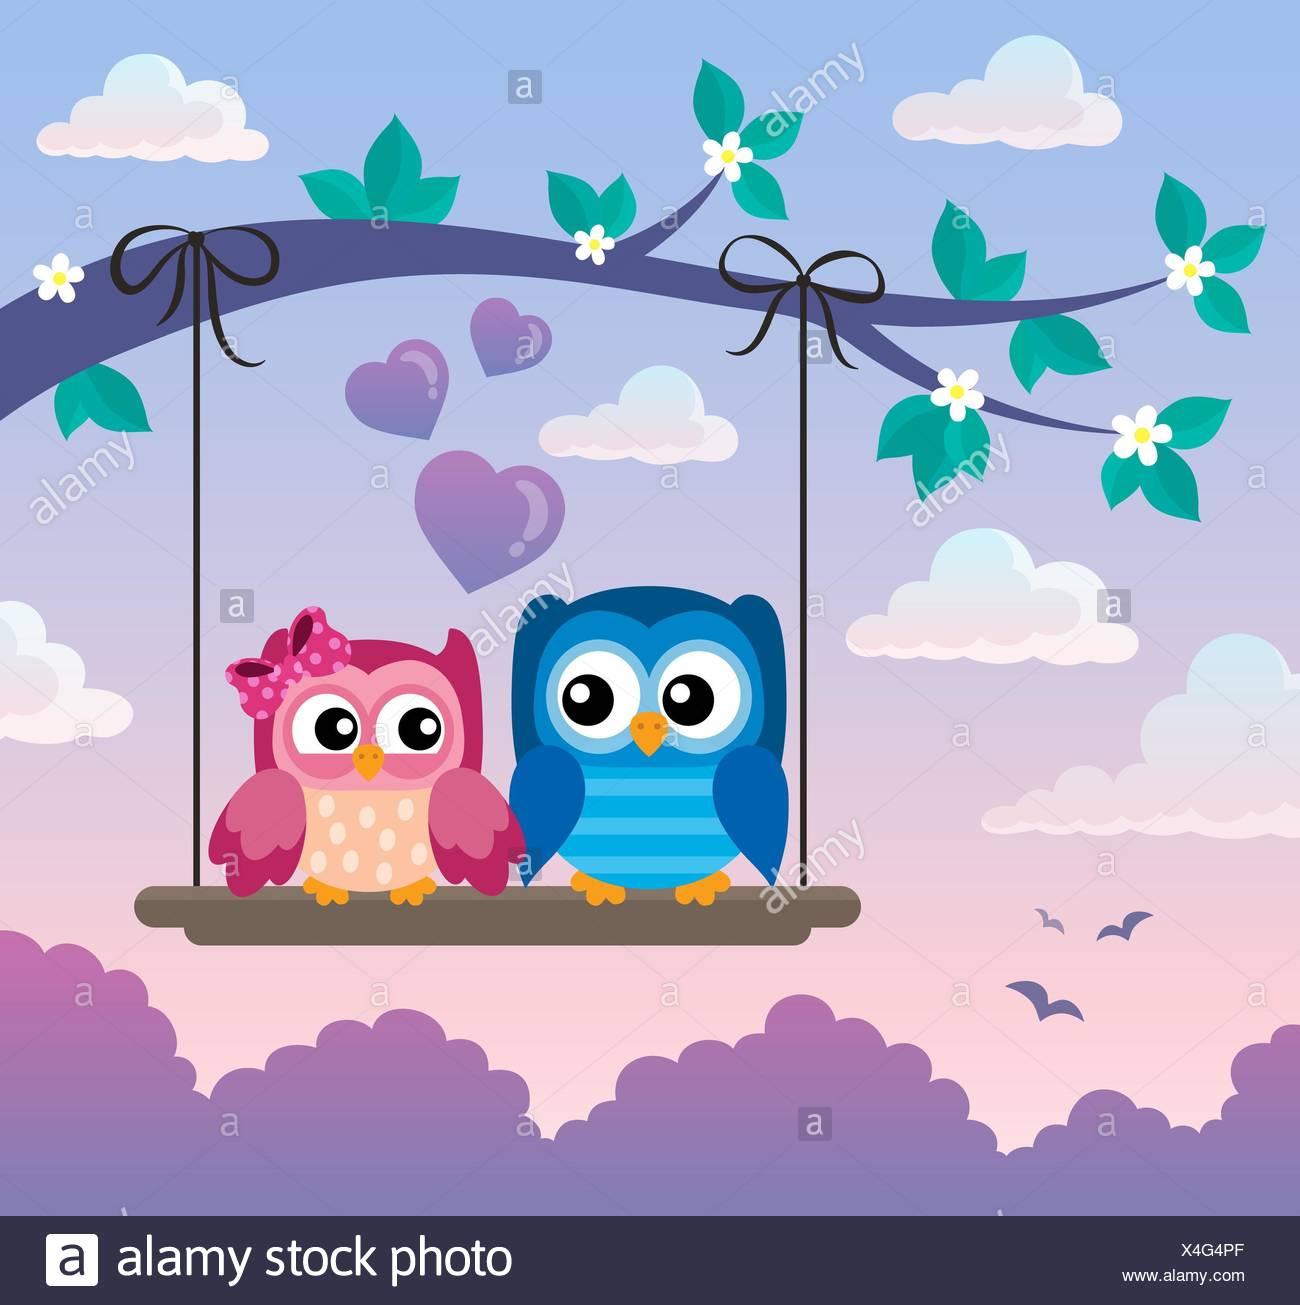 Valentine owls theme image 5 - Stock Image